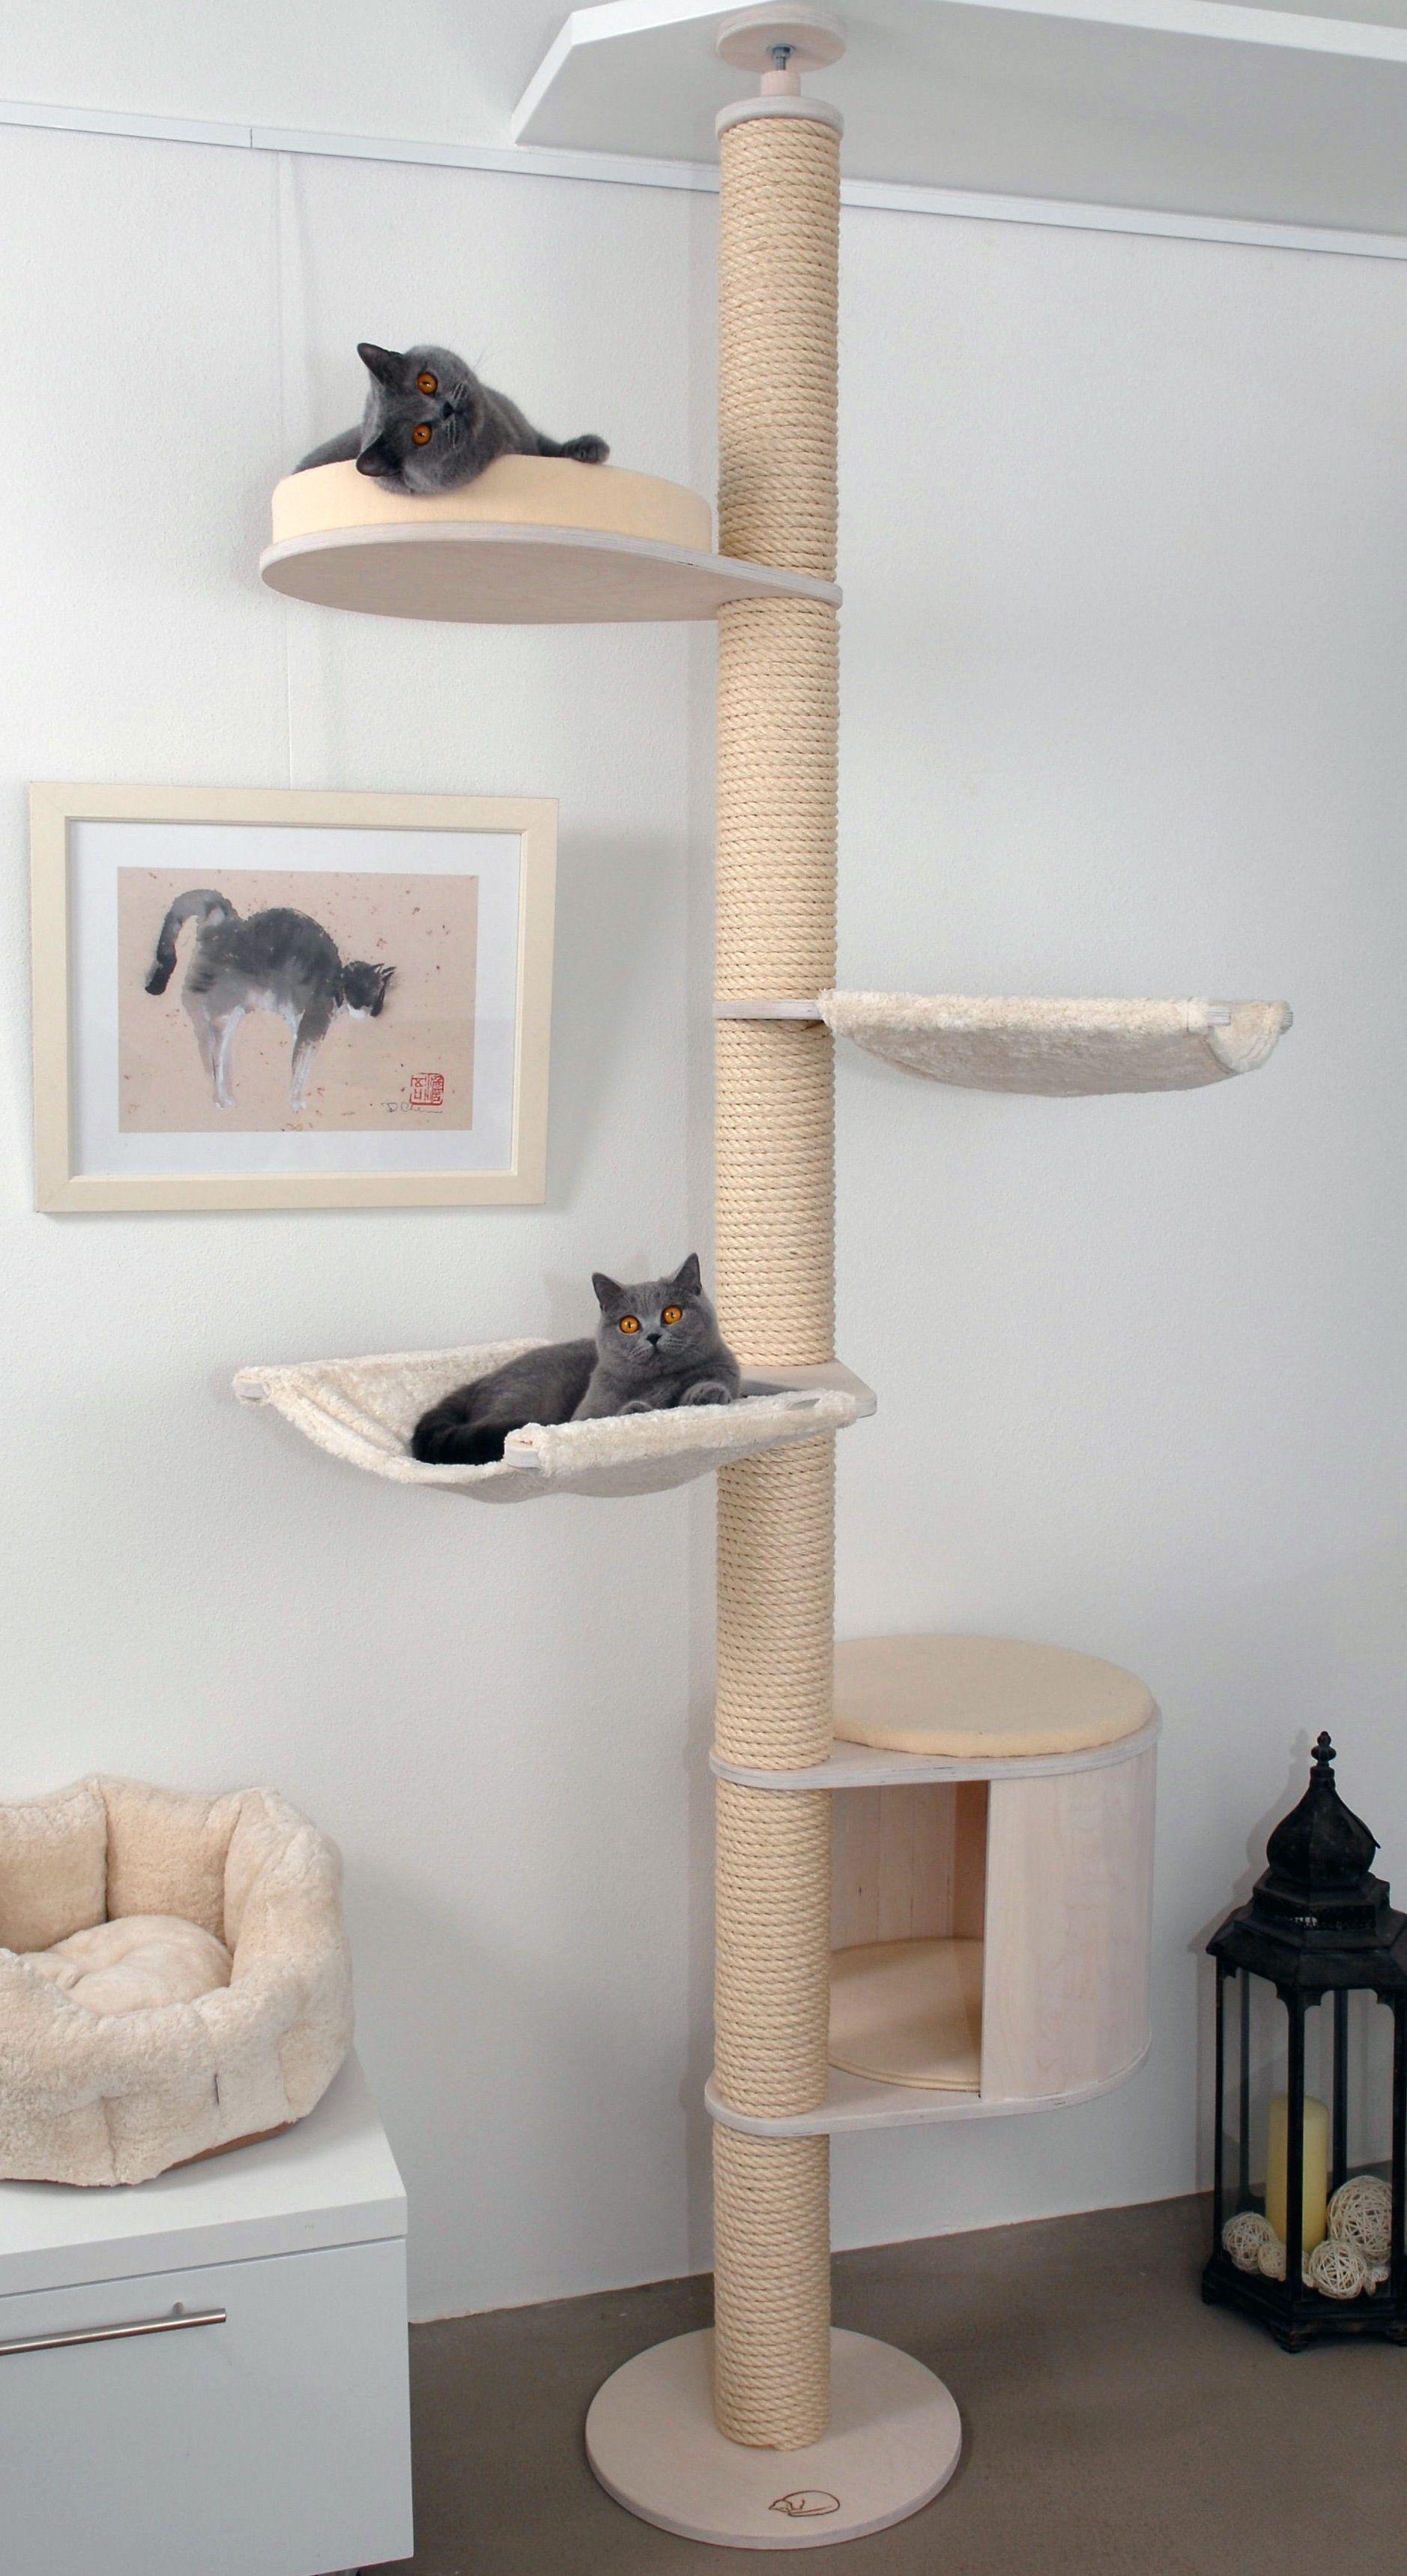 deckenspanner modell luisa von profeline in der holzfarbe. Black Bedroom Furniture Sets. Home Design Ideas